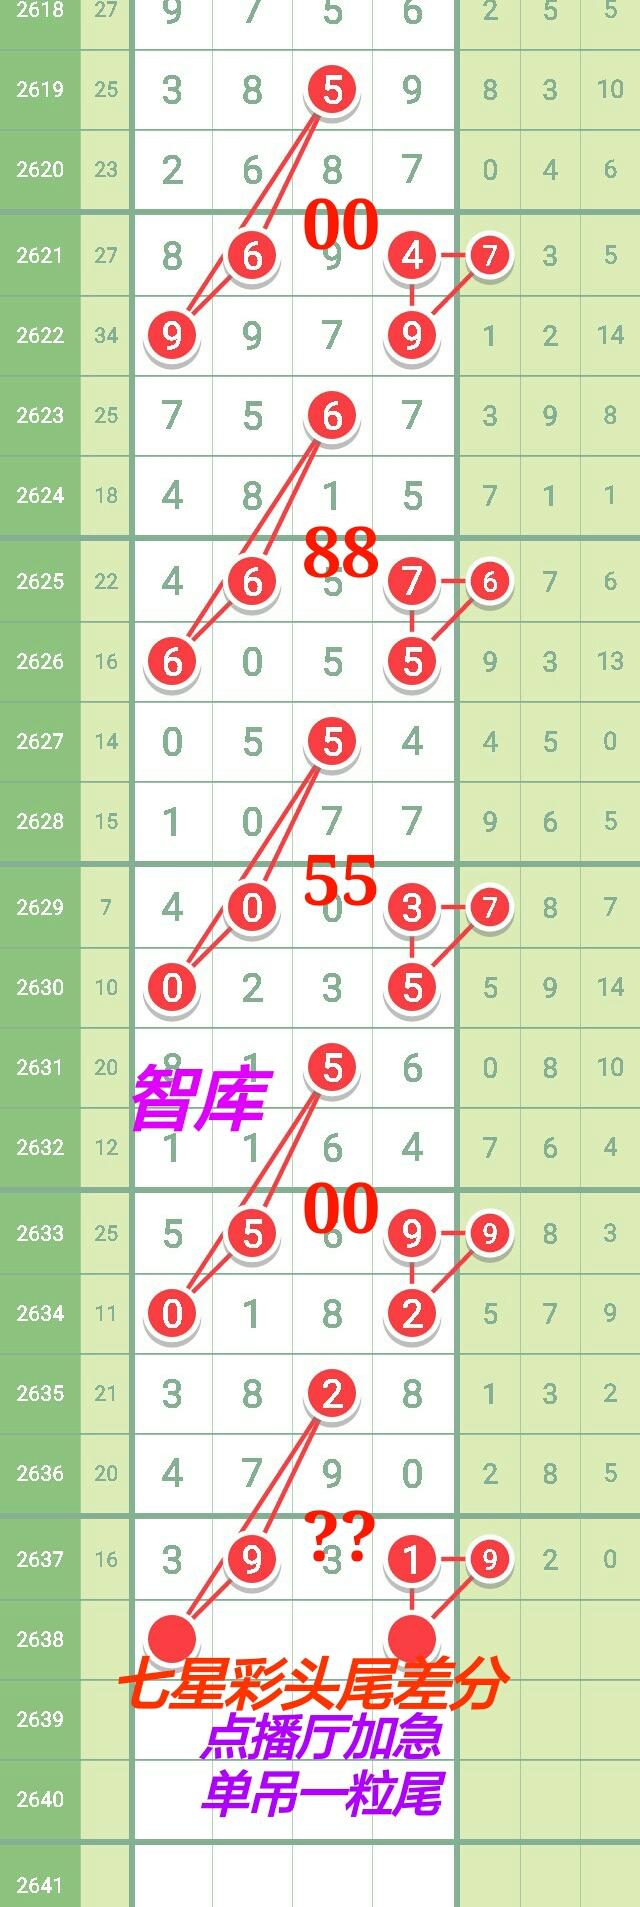 2638_1631860529441.jpg